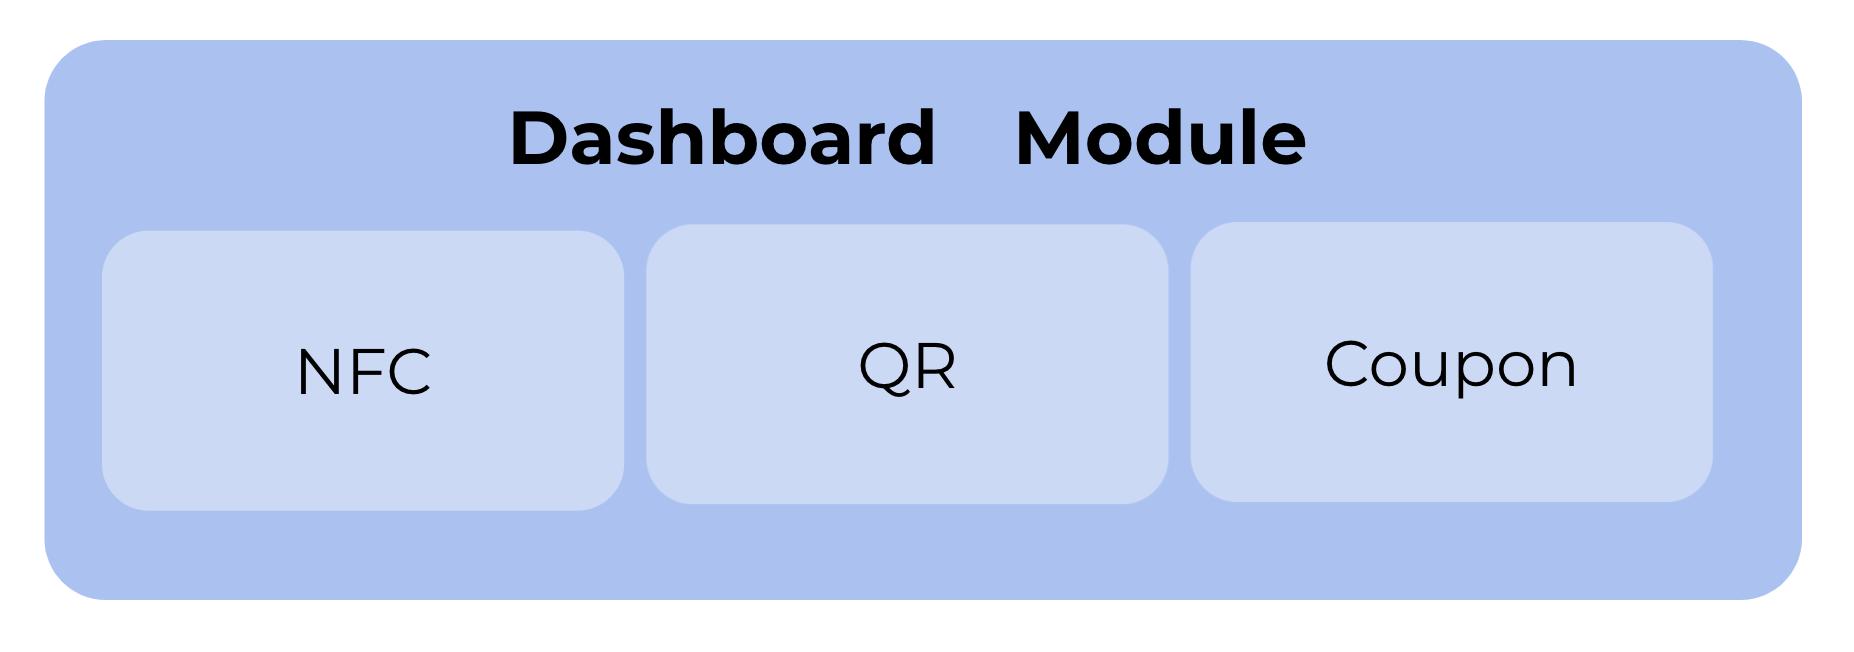 ダッシュボードのモジュールの機能